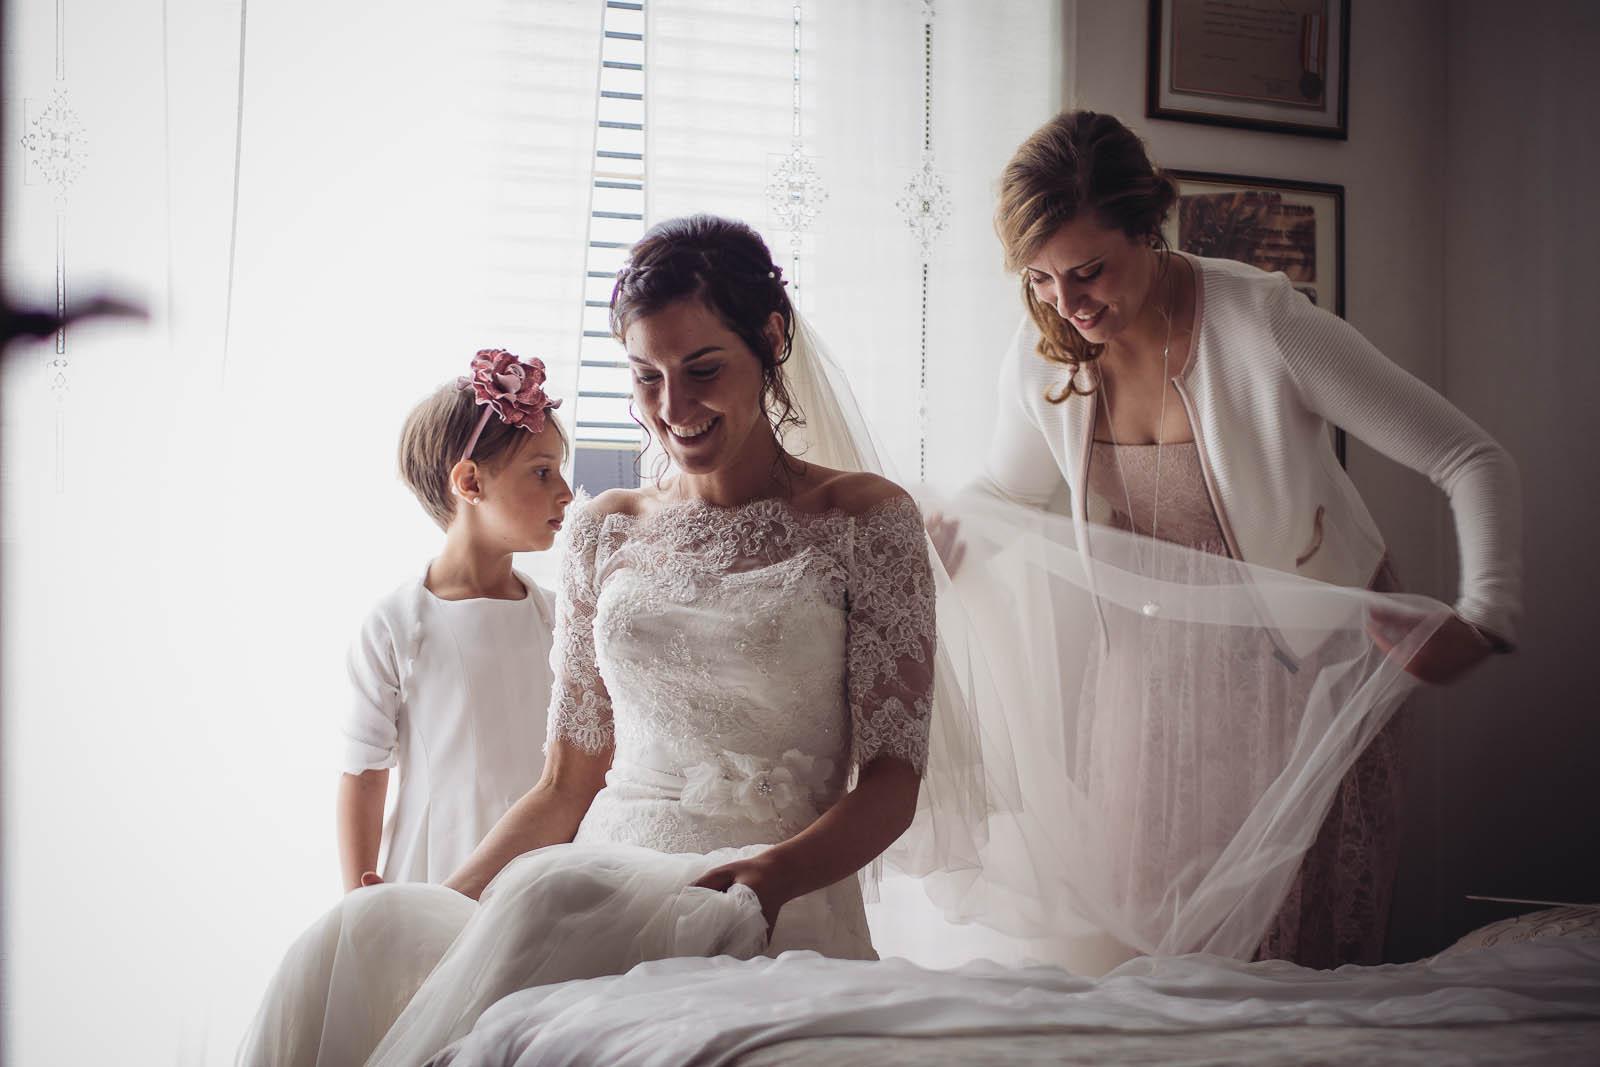 matrimonio a Tirano: preparazione e dettagli della sposa